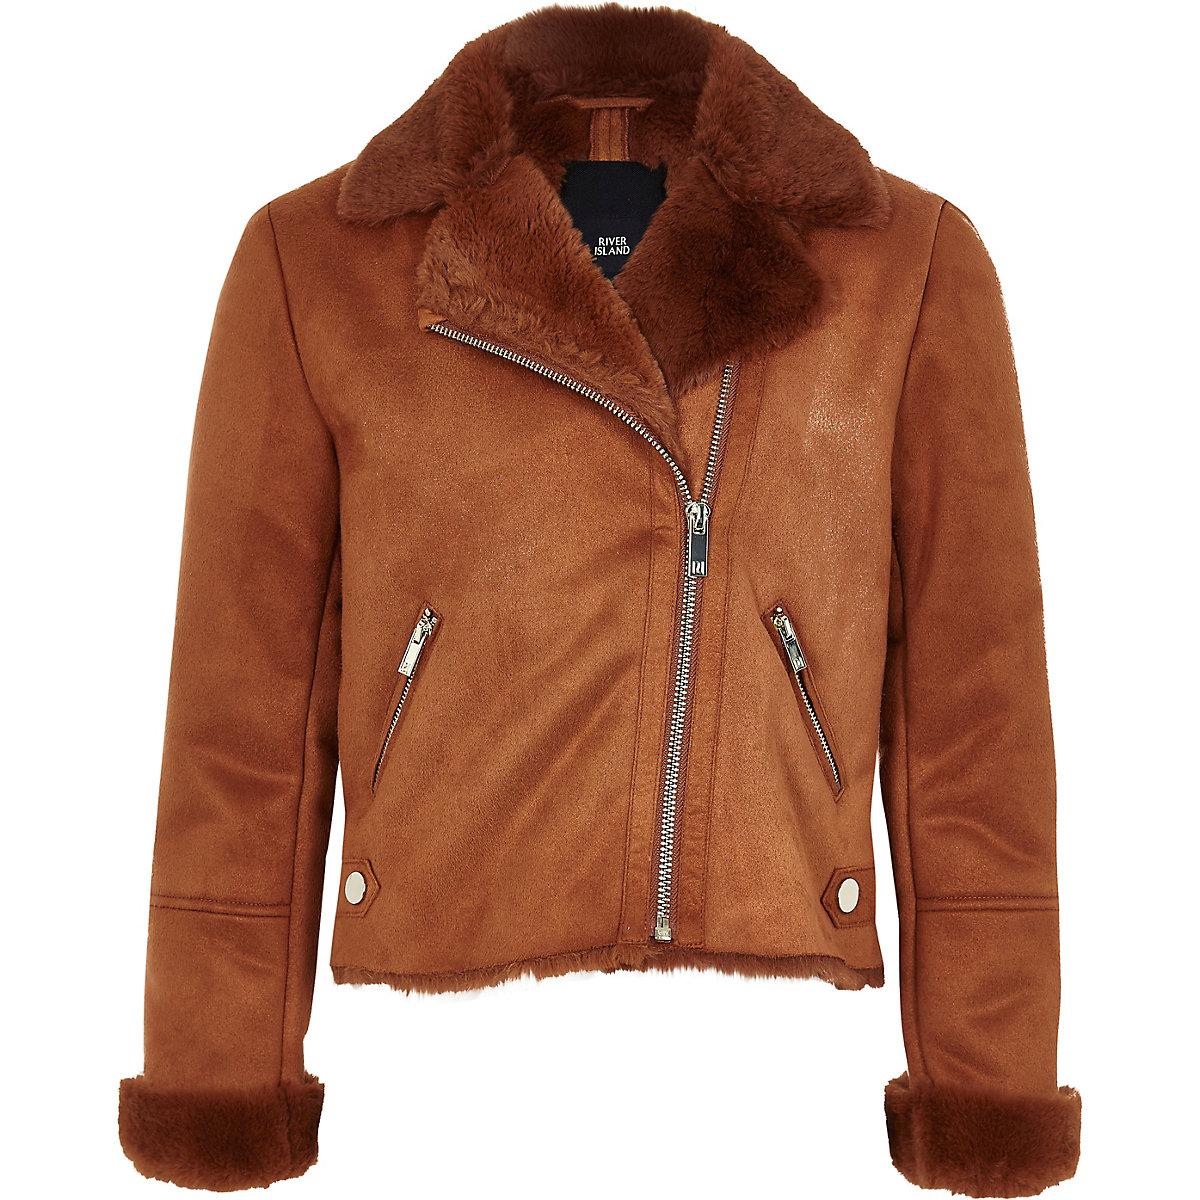 4c0e4d08d Girls light brown faux fur biker jacket - Jackets - Coats   Jackets ...